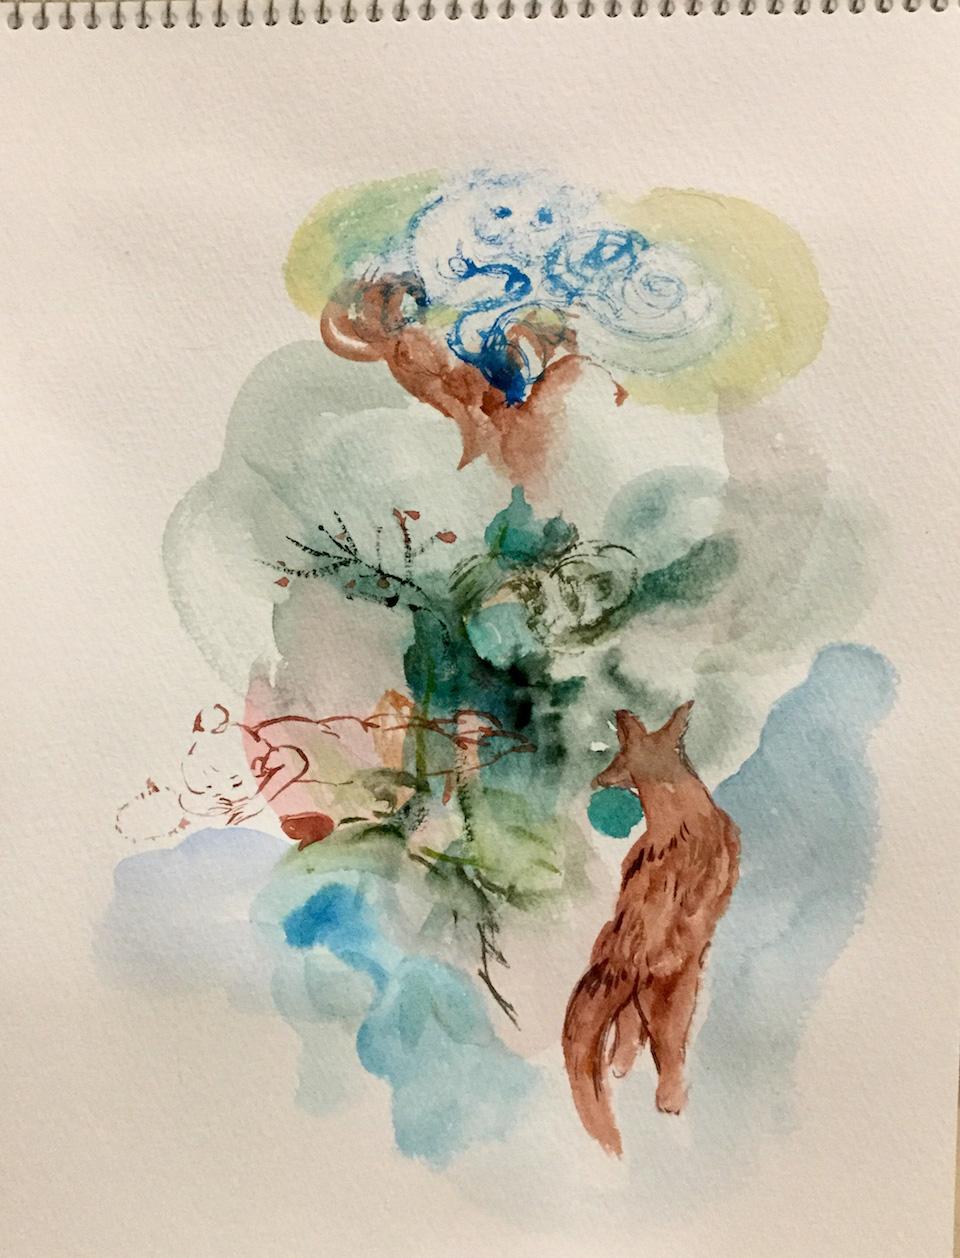 (写真について)《一枚さん》2019 紙にインク、水彩絵の具、パステル、色鉛筆等 Courtesy of the artist and MEM